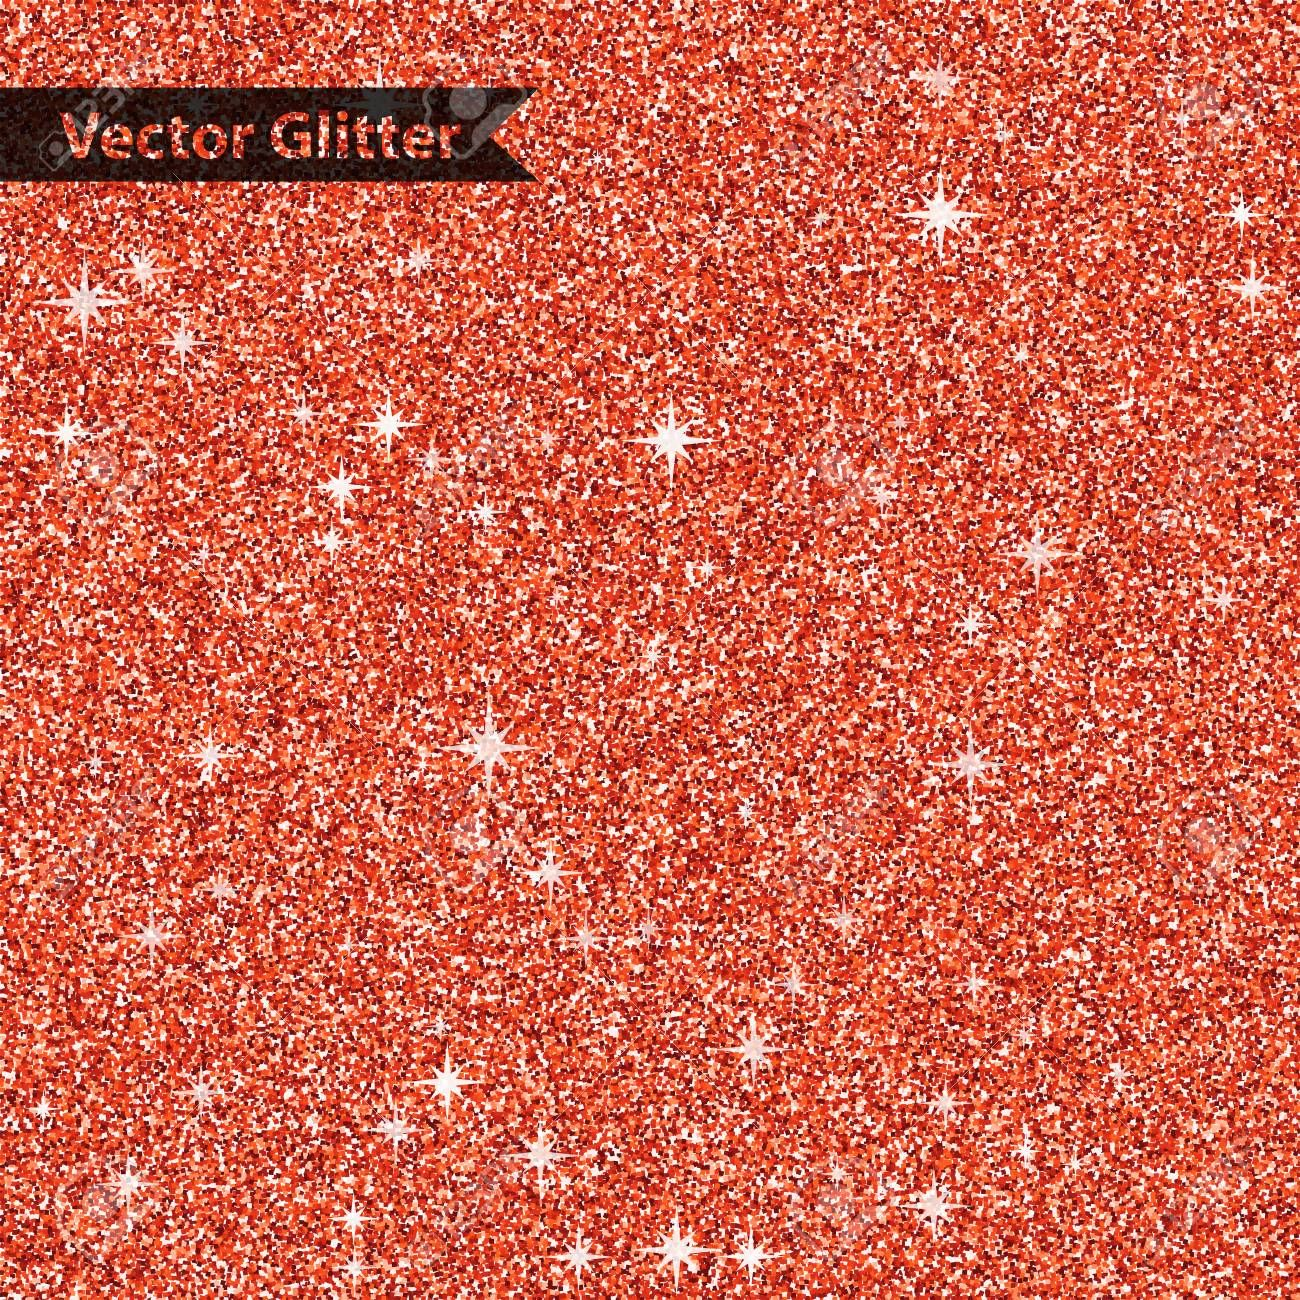 Fond De Texture Rouge Brillant Paillettes Avec Etoile Fond D Ecran Rose Gold Wallpaper Gold Wallpaper Colour Gold Wallpaper